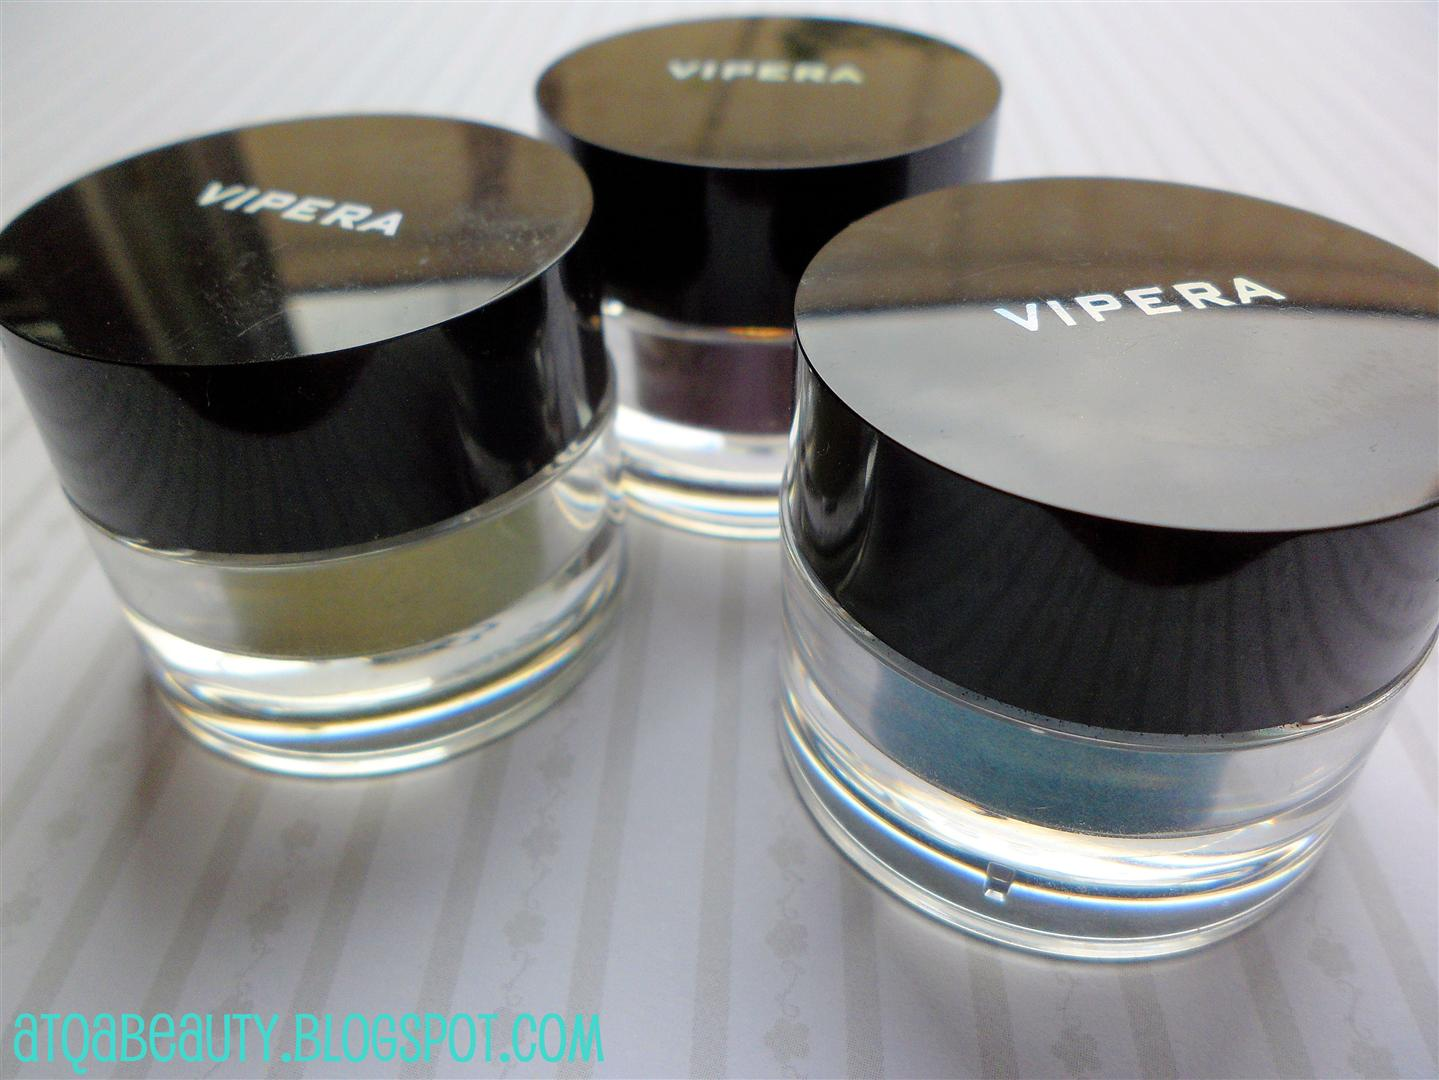 Makijaż :: Rozczarowanie – cienie sypkie Vipera Galaxy